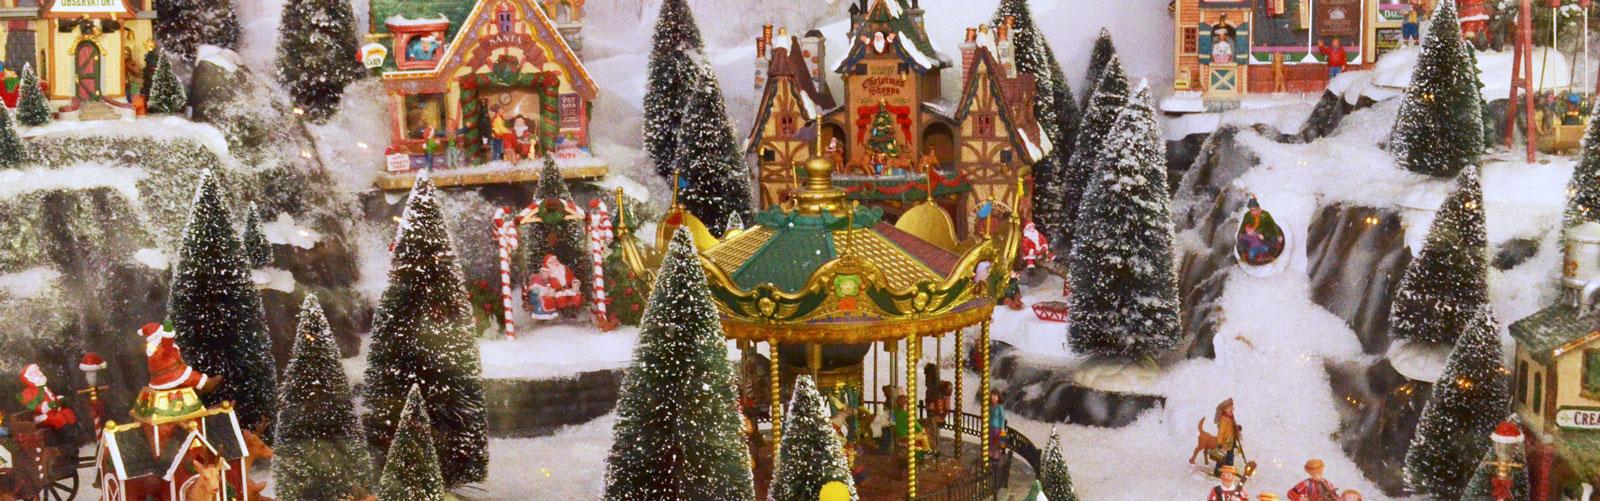 Villaggio Natale.Vendita Villaggi Di Natale Lemax